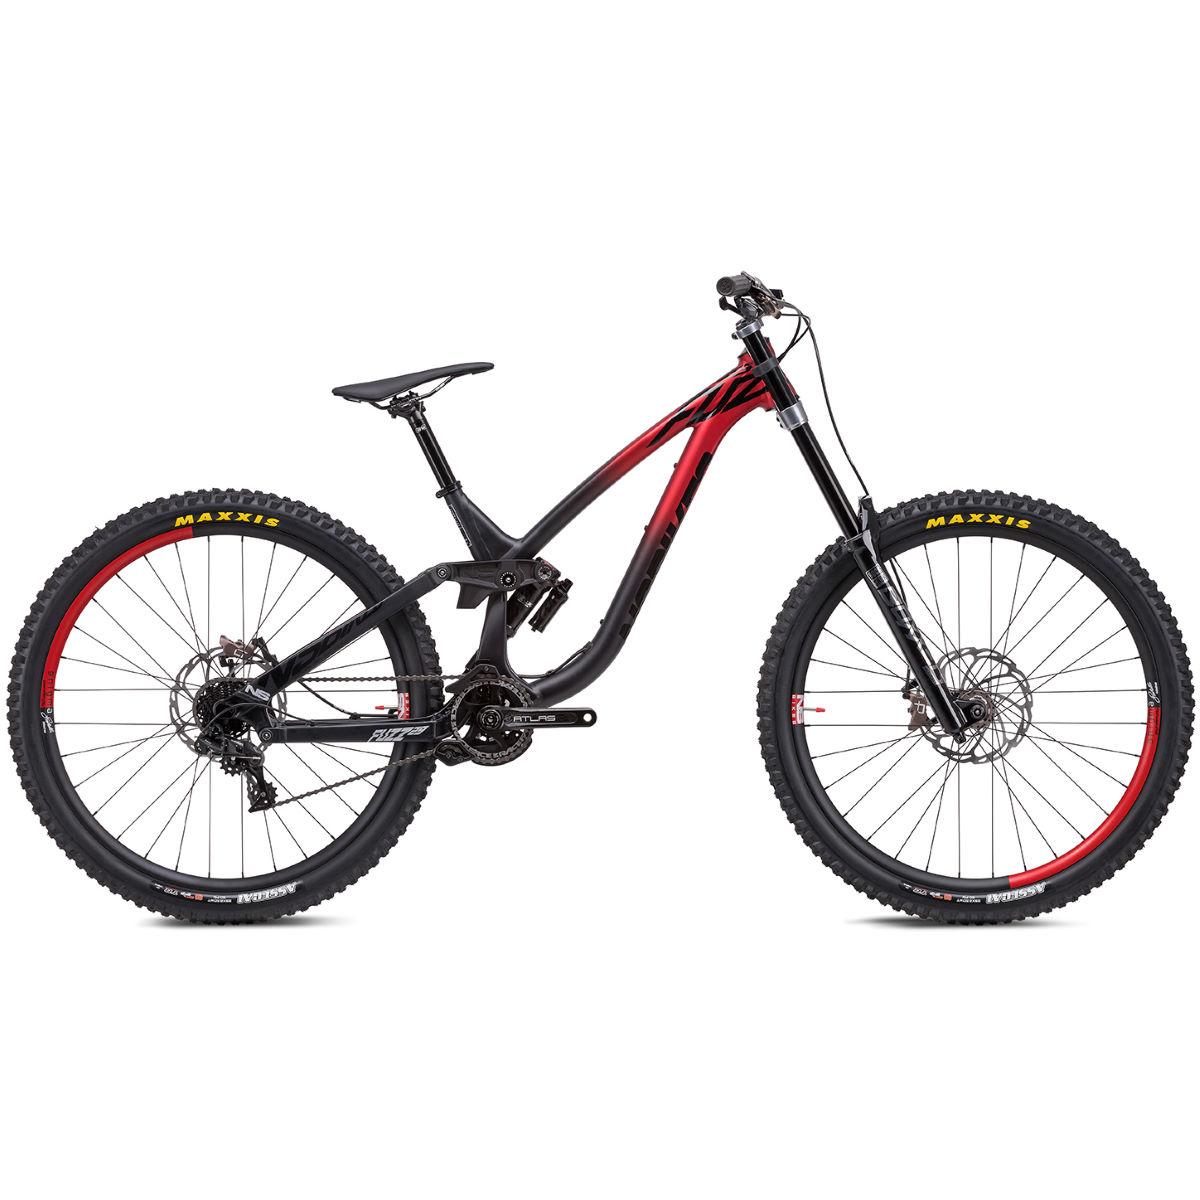 NS Bikes Fuzz 1 2020 Full